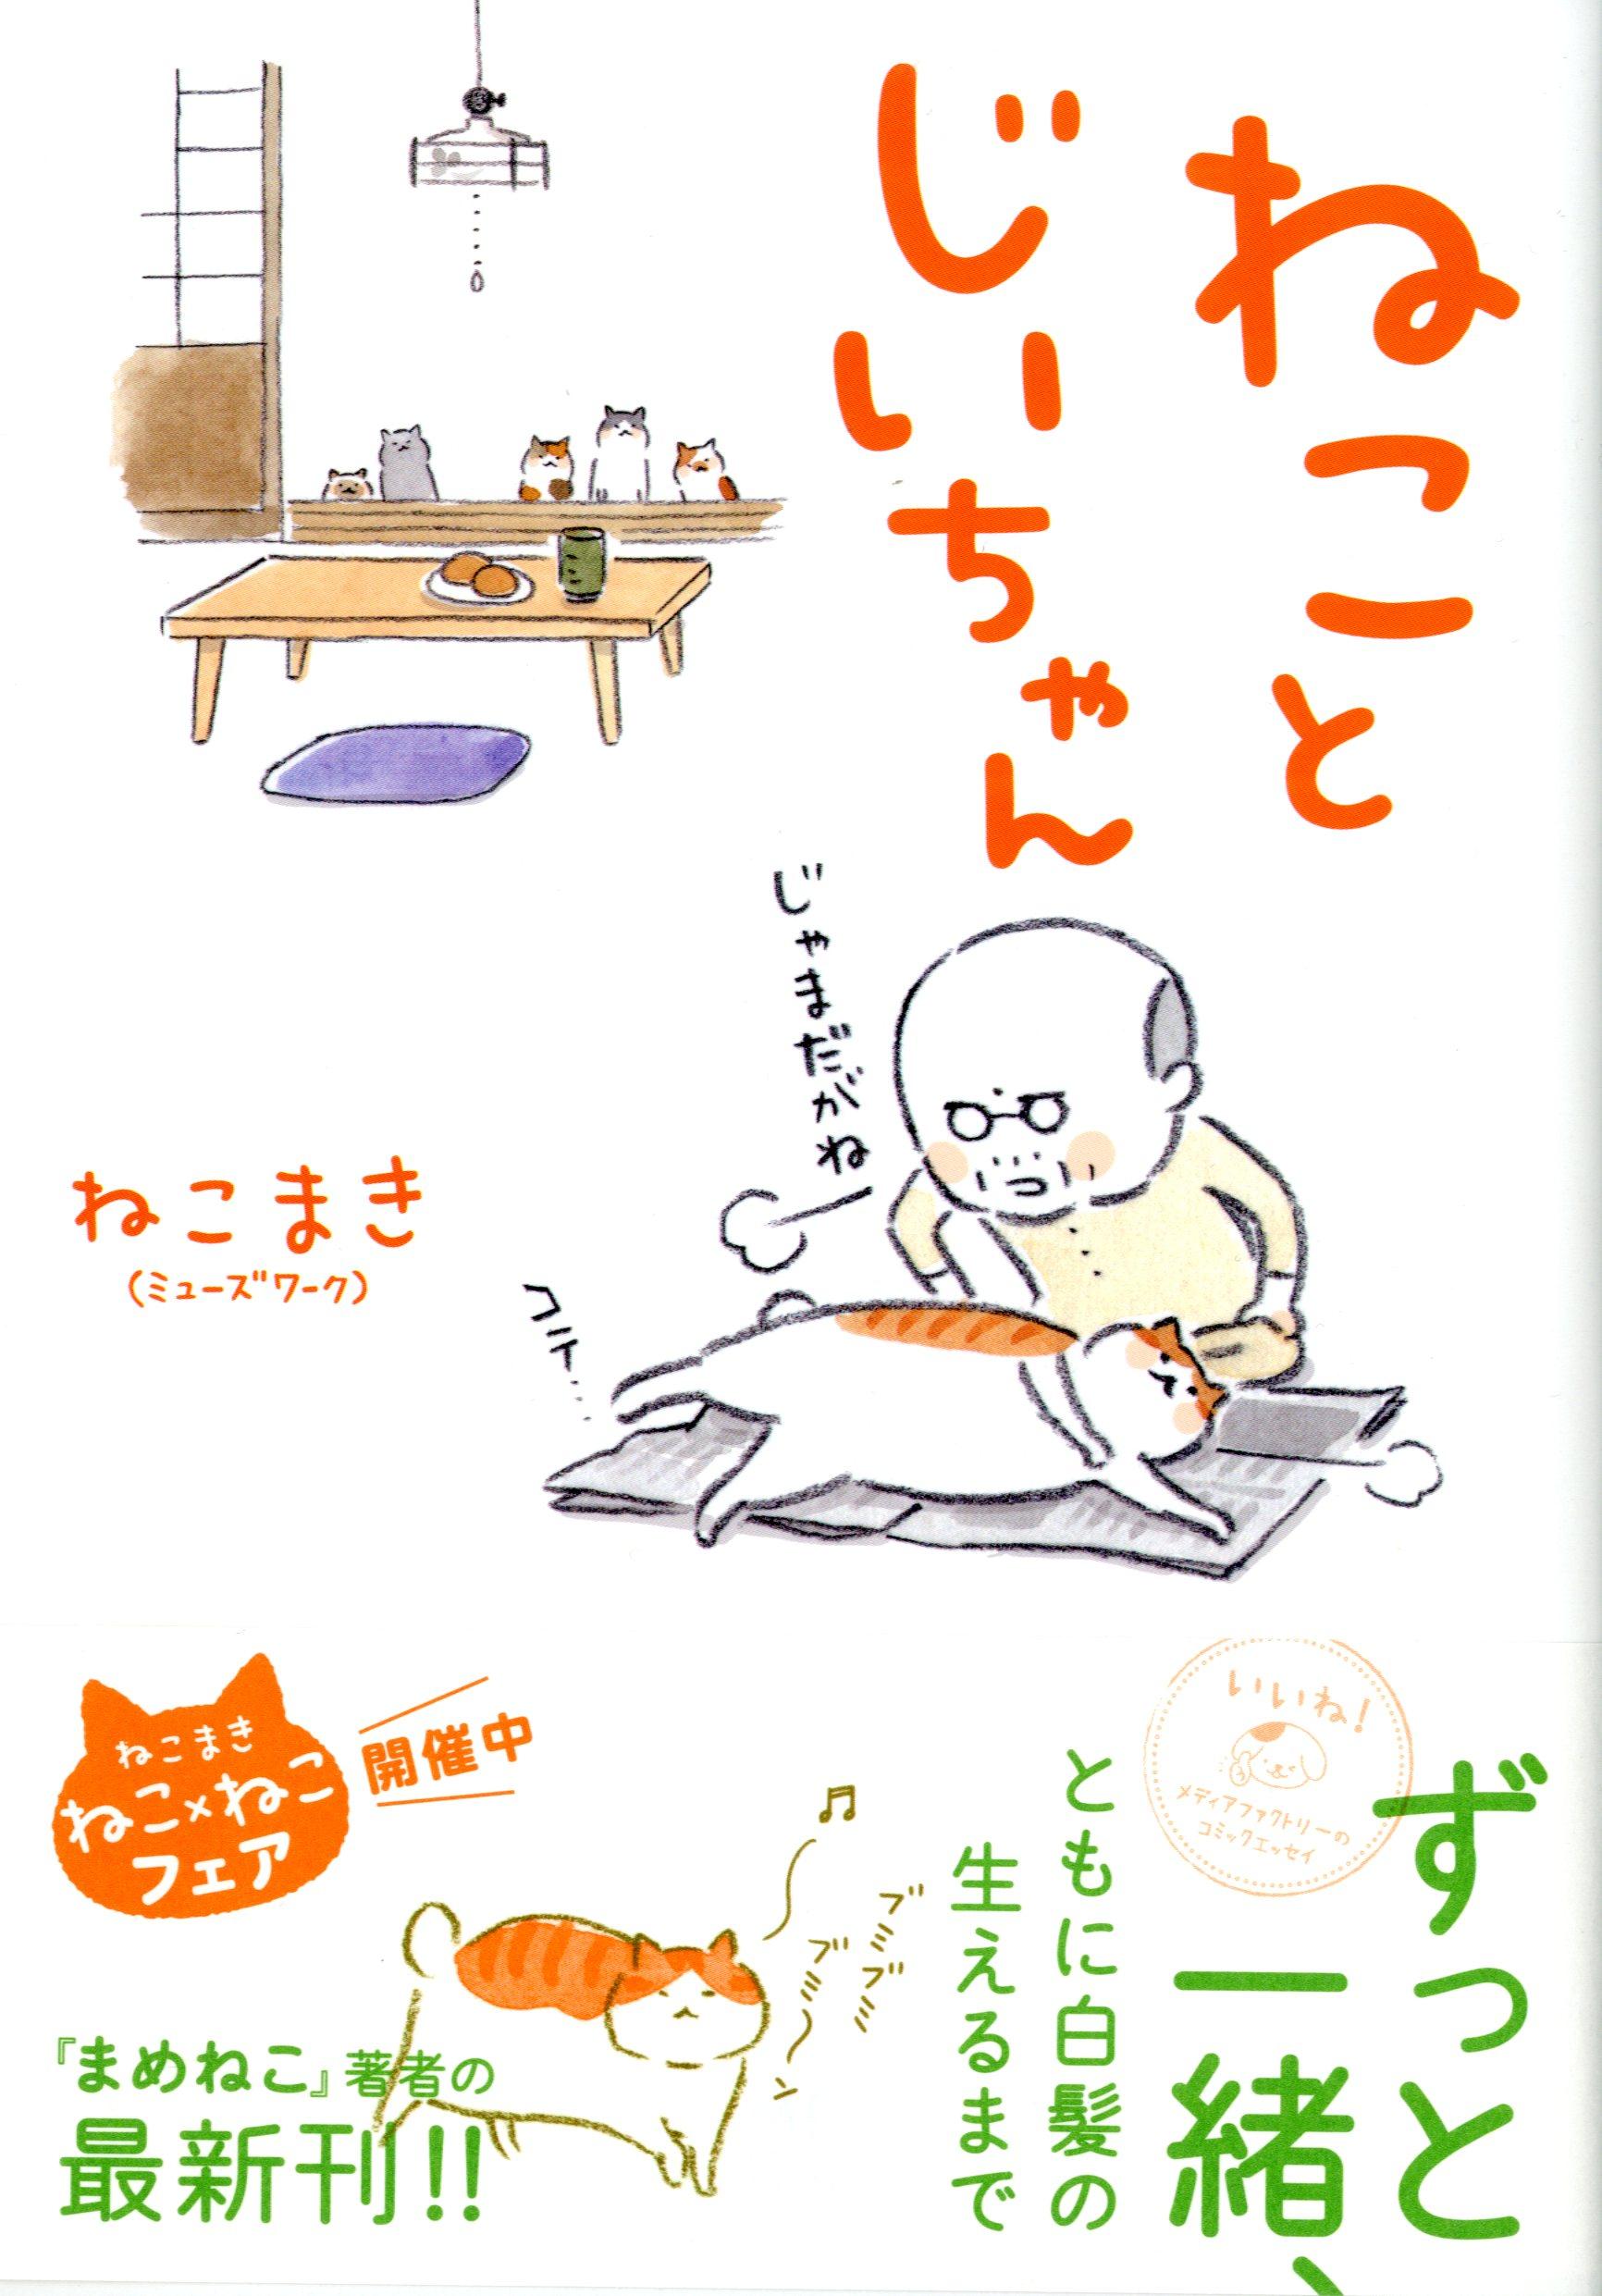 かわいいイラストが猫好きの心にズキューン 猫とじいちゃんの暮らし